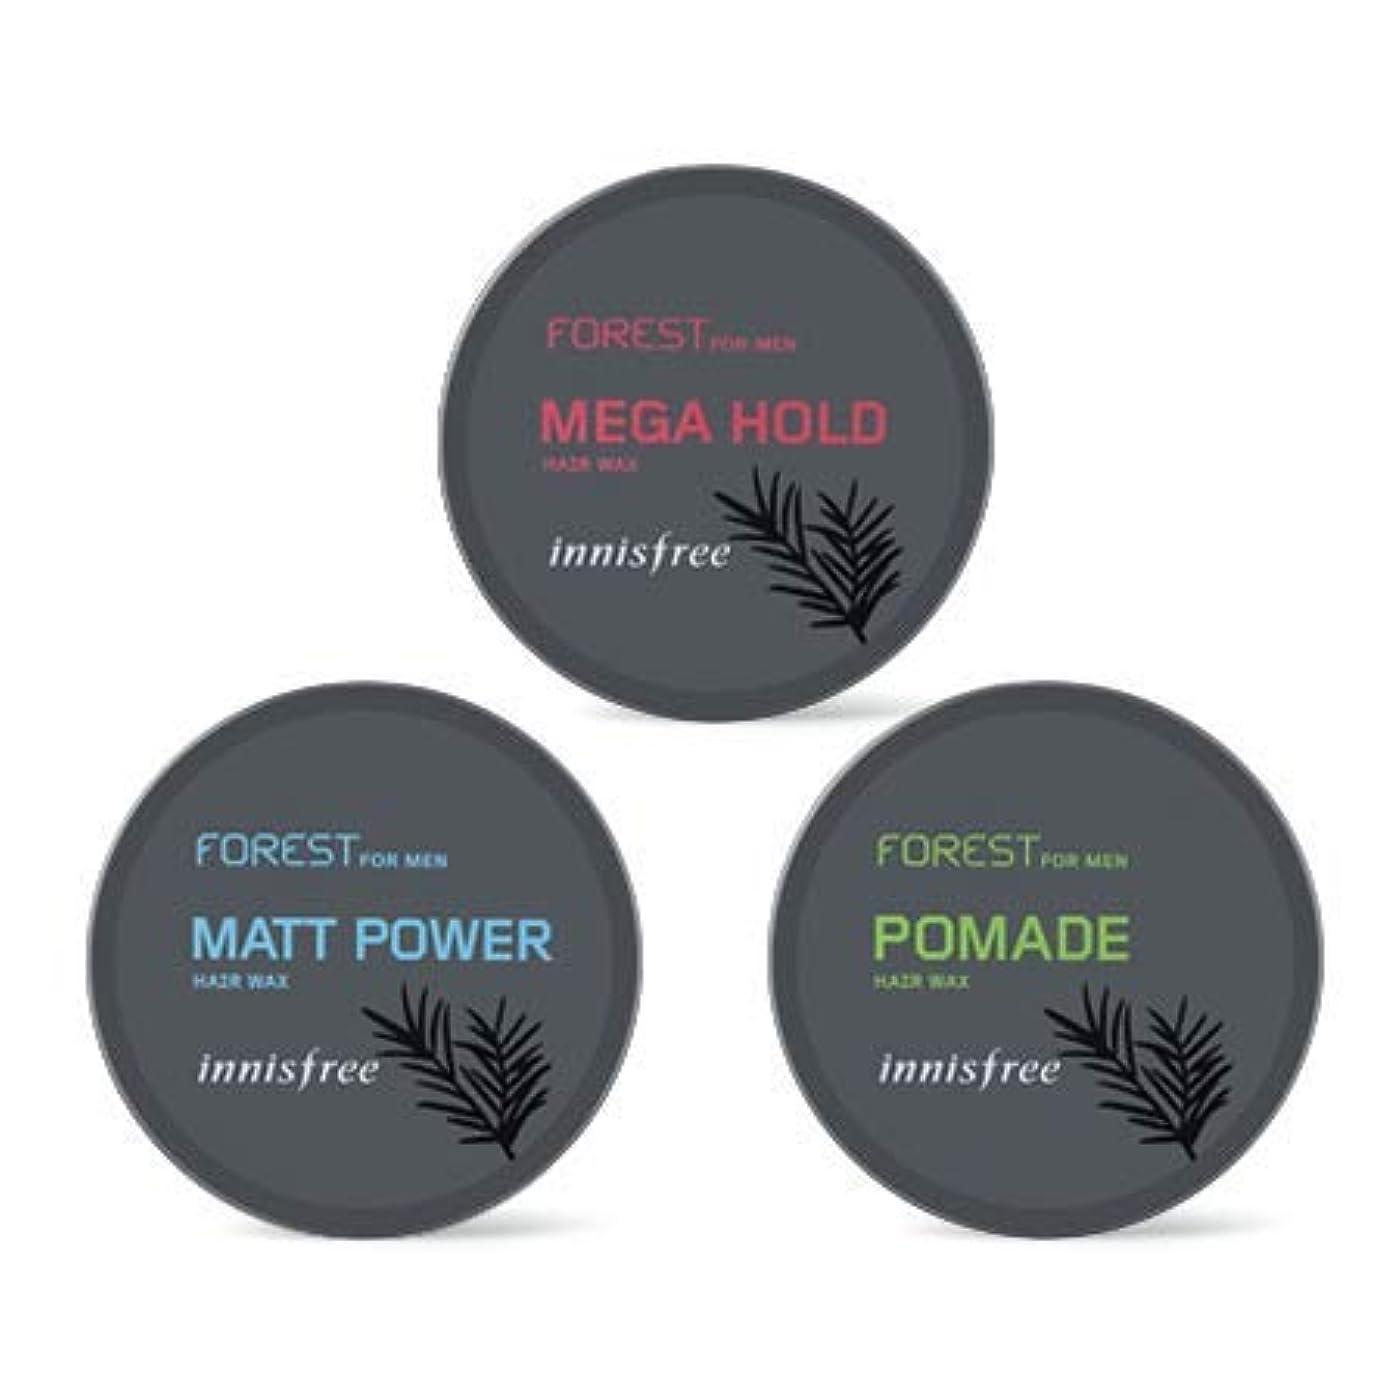 戦争泣いているシダ[イニスフリー.INNISFREE](公式)フォレストフォアマンヘアワックス(3種)/ Forest For Men Hair Wax(60G、3 kind) (# mega hold)